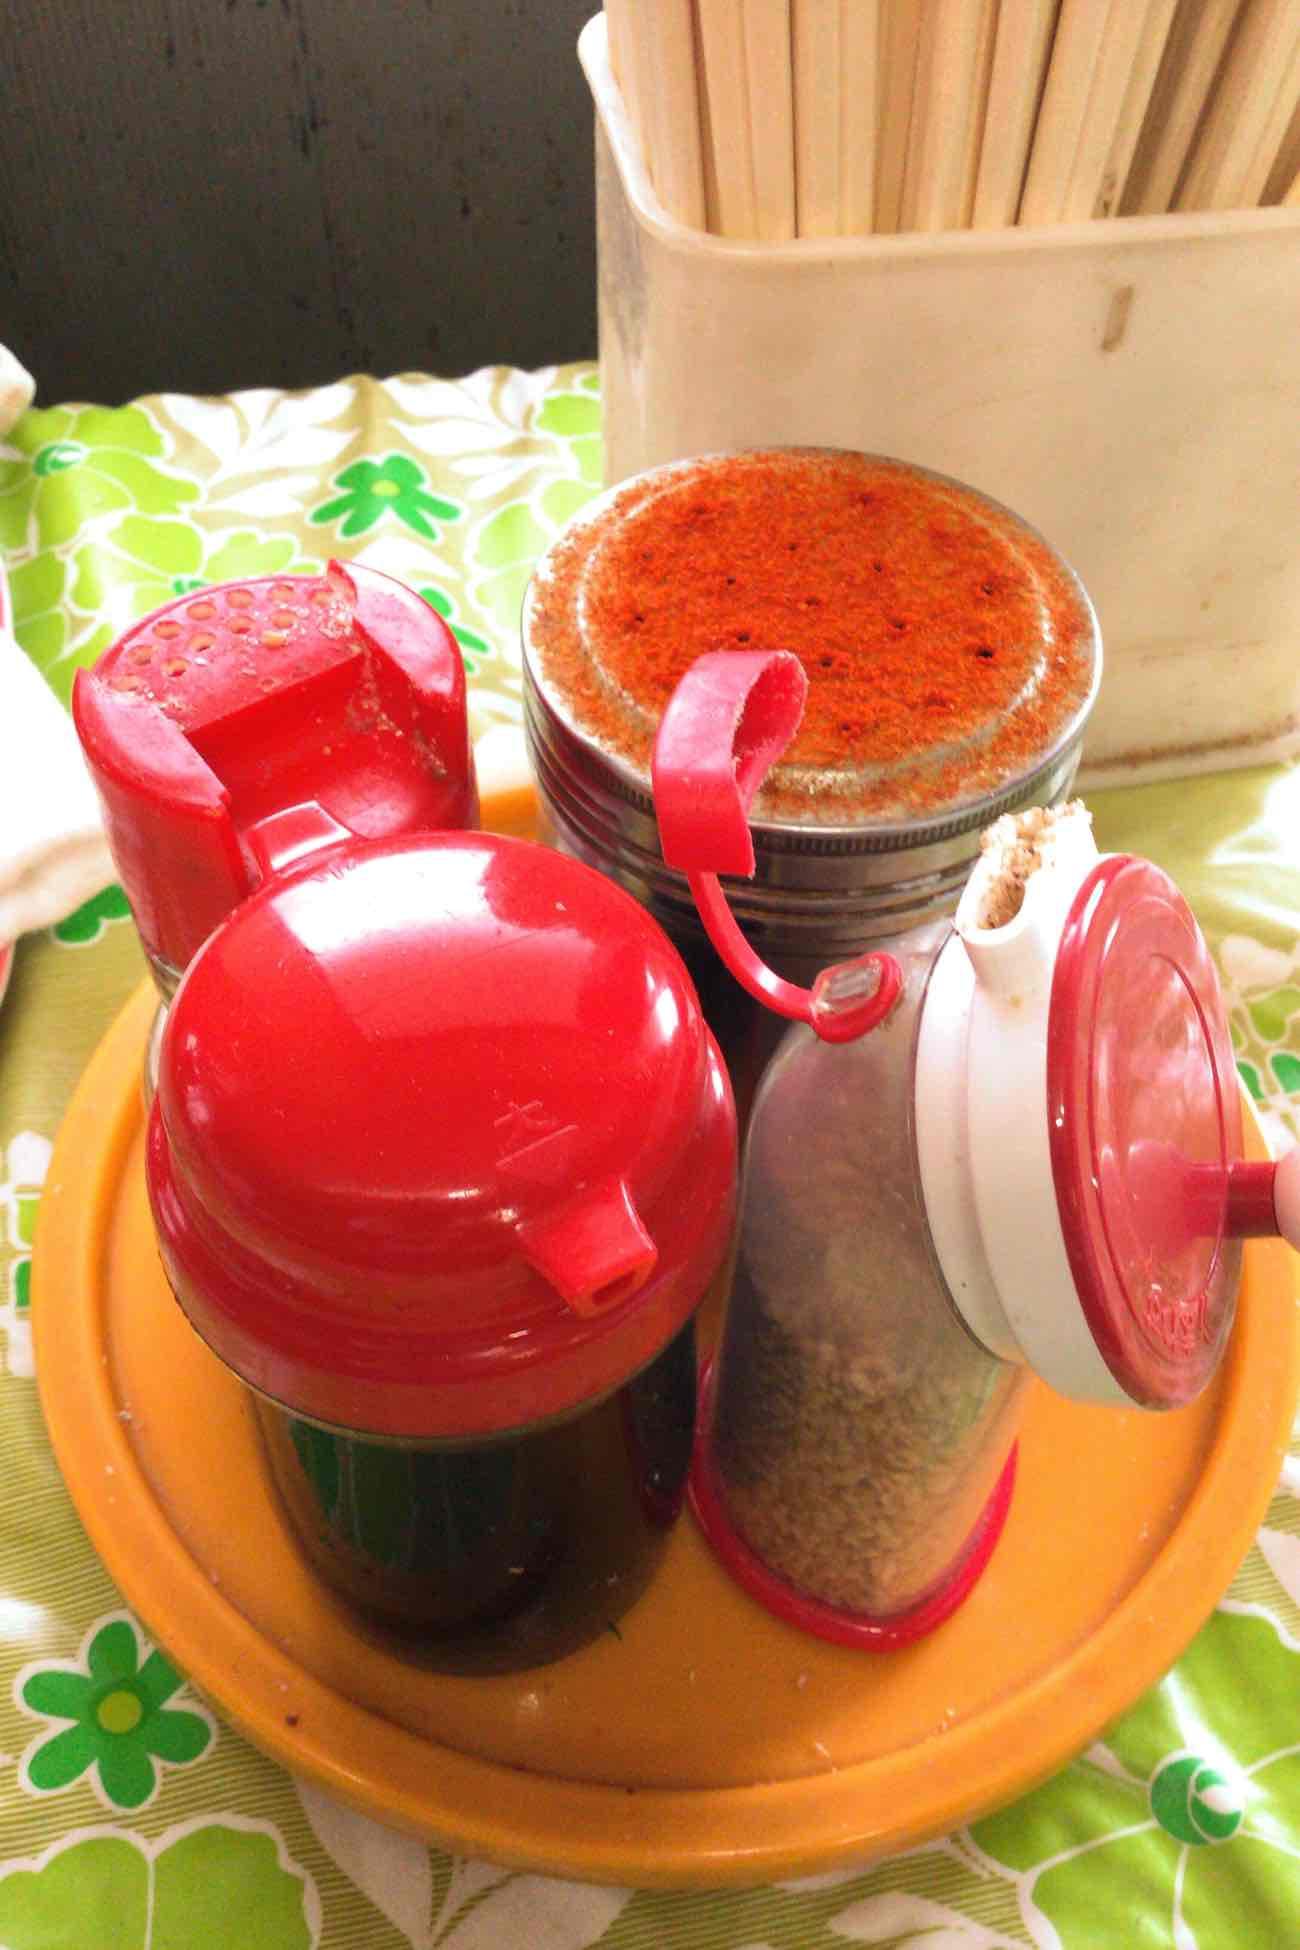 宮川製麺所のテーブルにある調味料